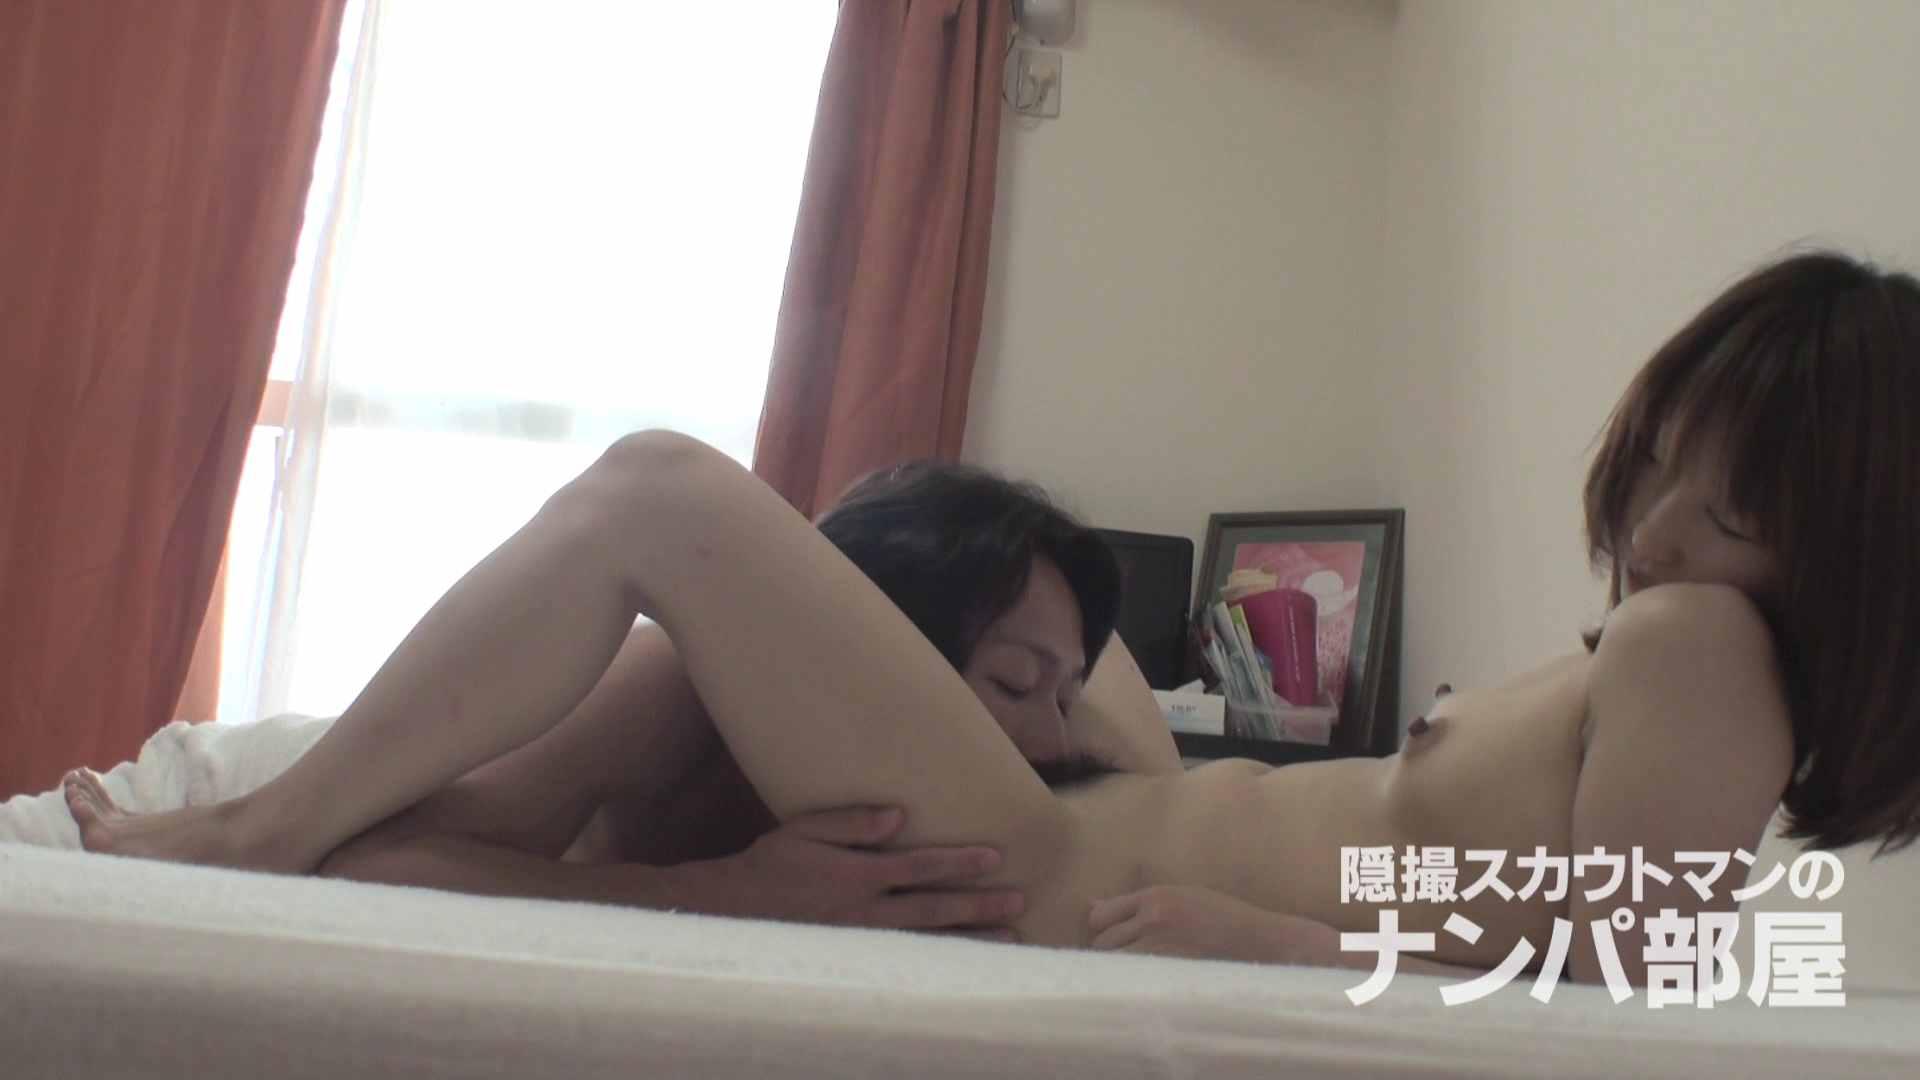 隠撮スカウトマンのナンパ部屋~風俗デビュー前のつまみ食い~ sii 隠撮 SEX無修正画像 100連発 86